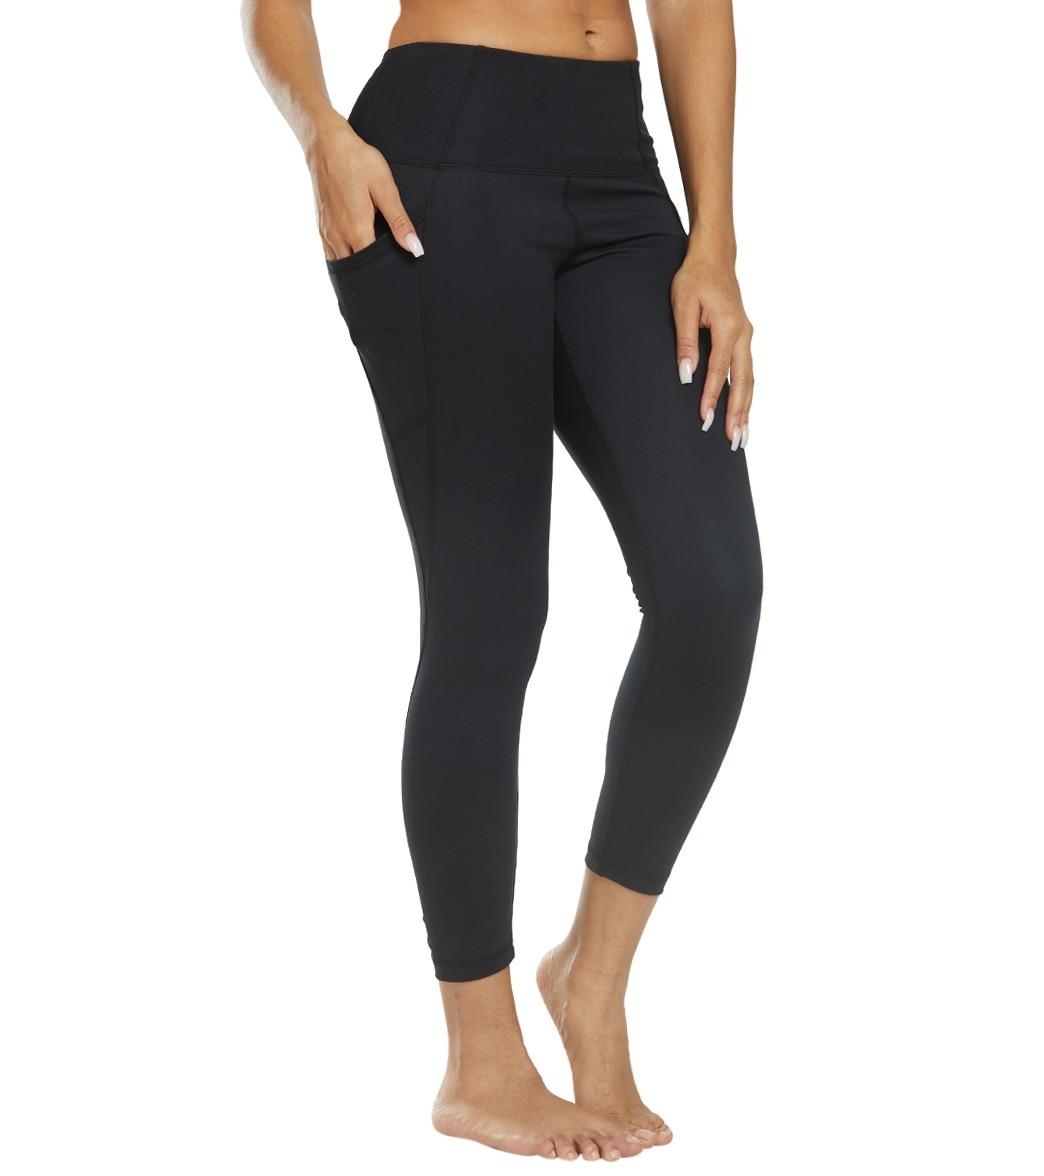 fcd0cce87414a Danskin Shirred 7/8 Yoga Leggings at YogaOutlet.com